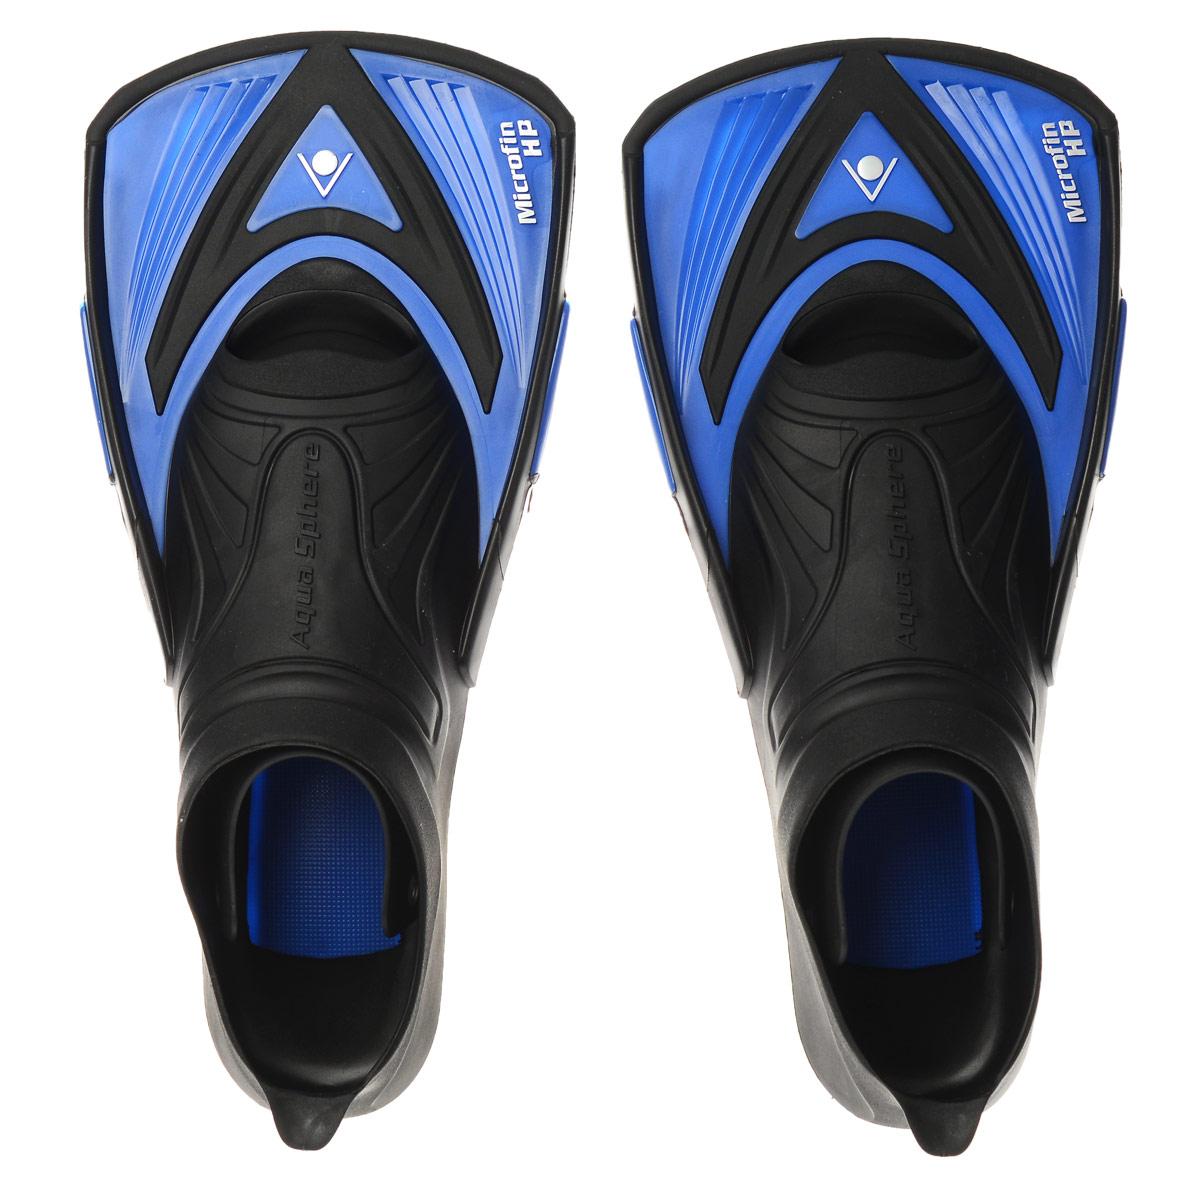 Ласты тренировочные Aqua Sphere Microfin HP, цвет: синий. Размер 44/45TN 221400 (205390)Aqua Sphere Microfin HP - это ласты для энергичной манеры плавания, предназначенные для серьезных спортивных тренировок. Уникальный дизайн ласт обеспечивает достаточное сопротивление воды для силовых тренировок и поддерживает ноги близко к поверхности воды - таким образом, пловец занимает правильное положение, гарантирующее максимальную обтекаемость. Особенности:Галоша с закрытой пяткой выполнена из прочного термопластика.Короткие лопасти удерживают ноги пловца близко к поверхности воды.Позволяют развивать силу мышц и поддерживать их в тонусе, одновременно совершенствуя технику плавания.